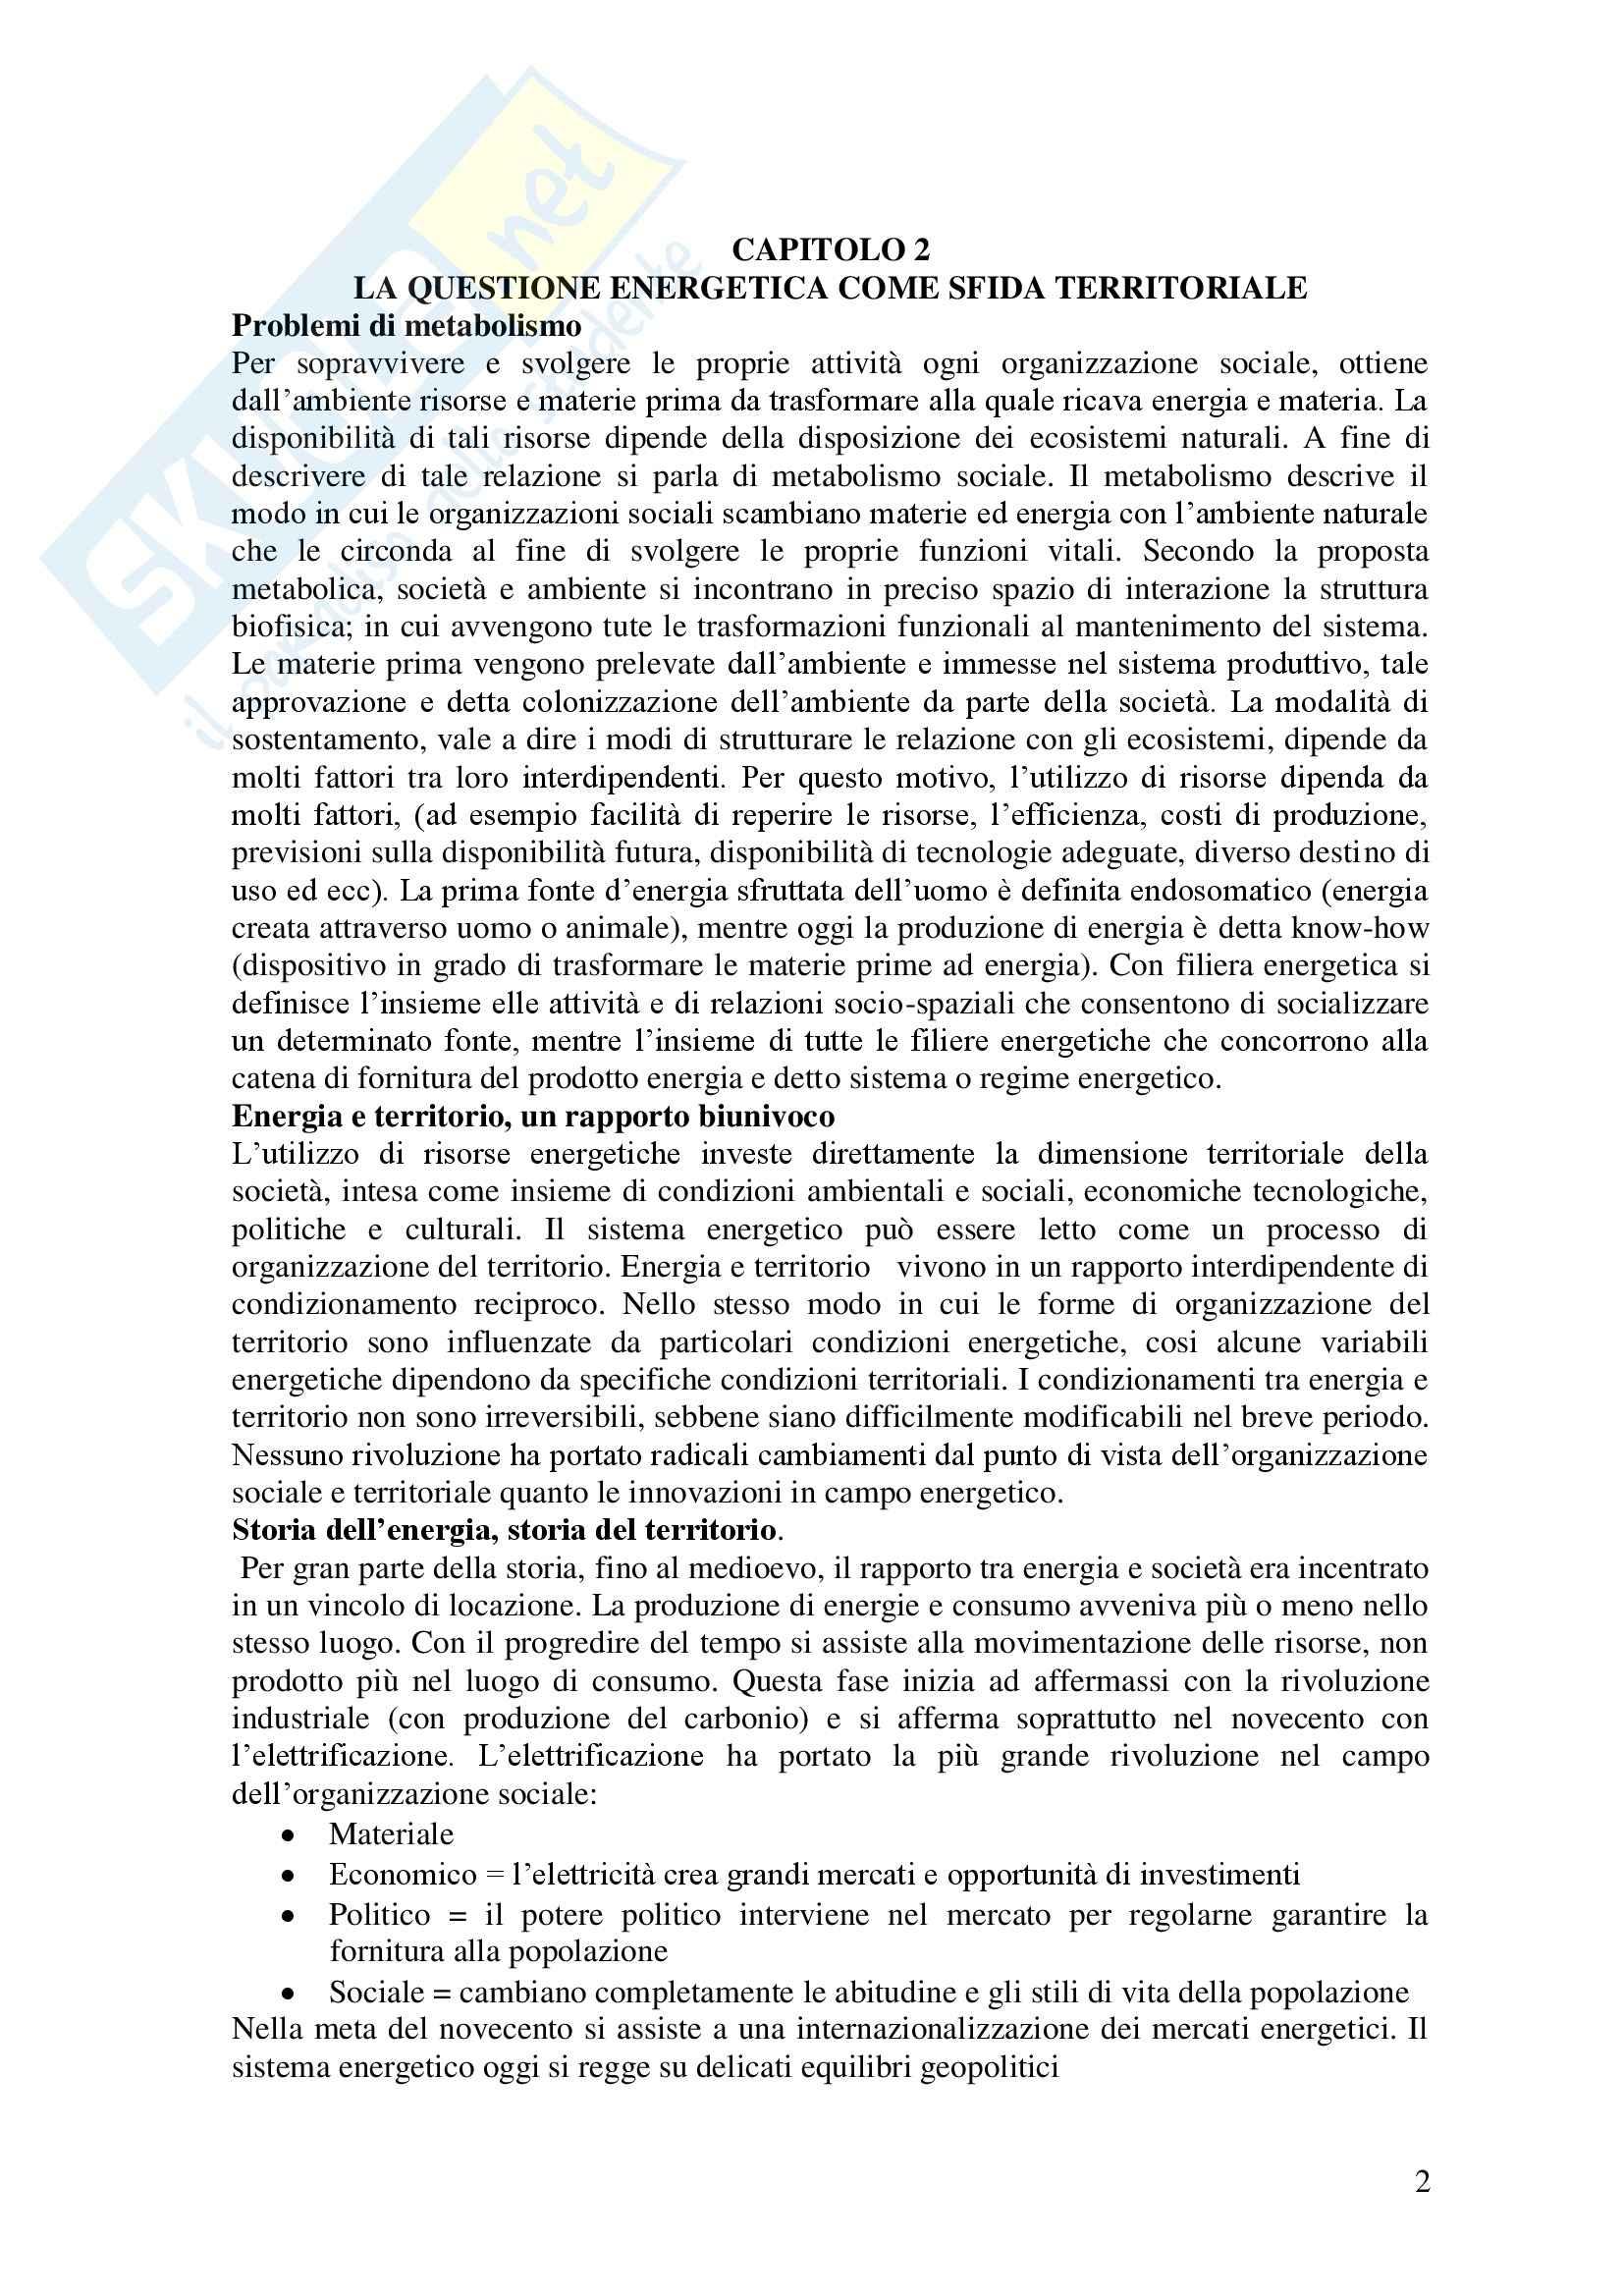 Riassunto esame Politiche del territorio e sostenibilità, libro adottato Geografia delle fonti rinnovabili, Puttili